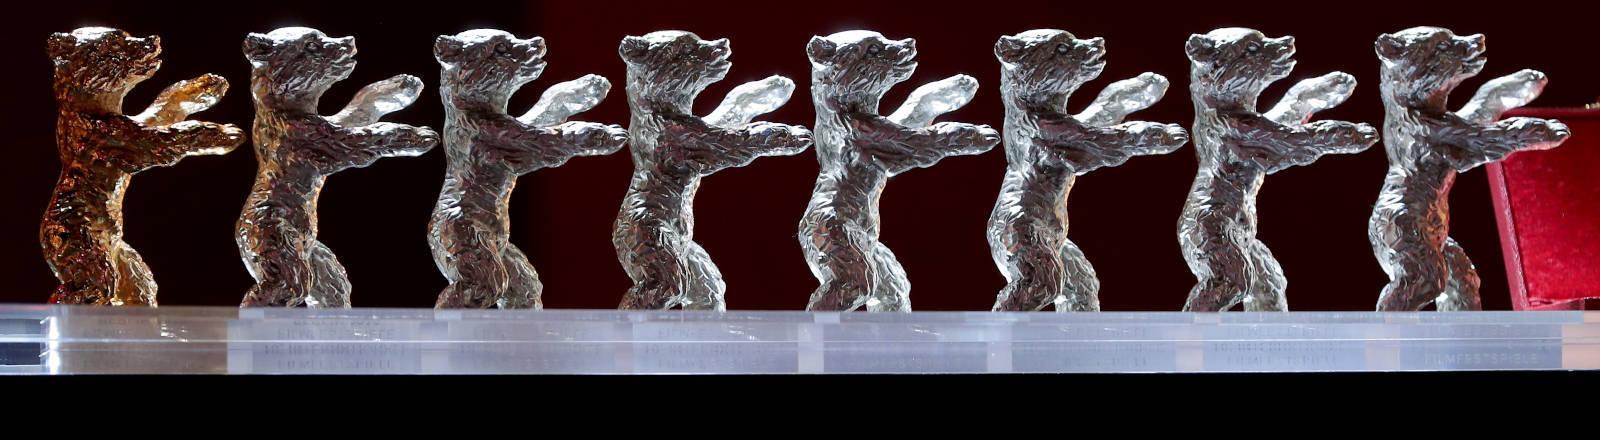 Berlinale-Figuren